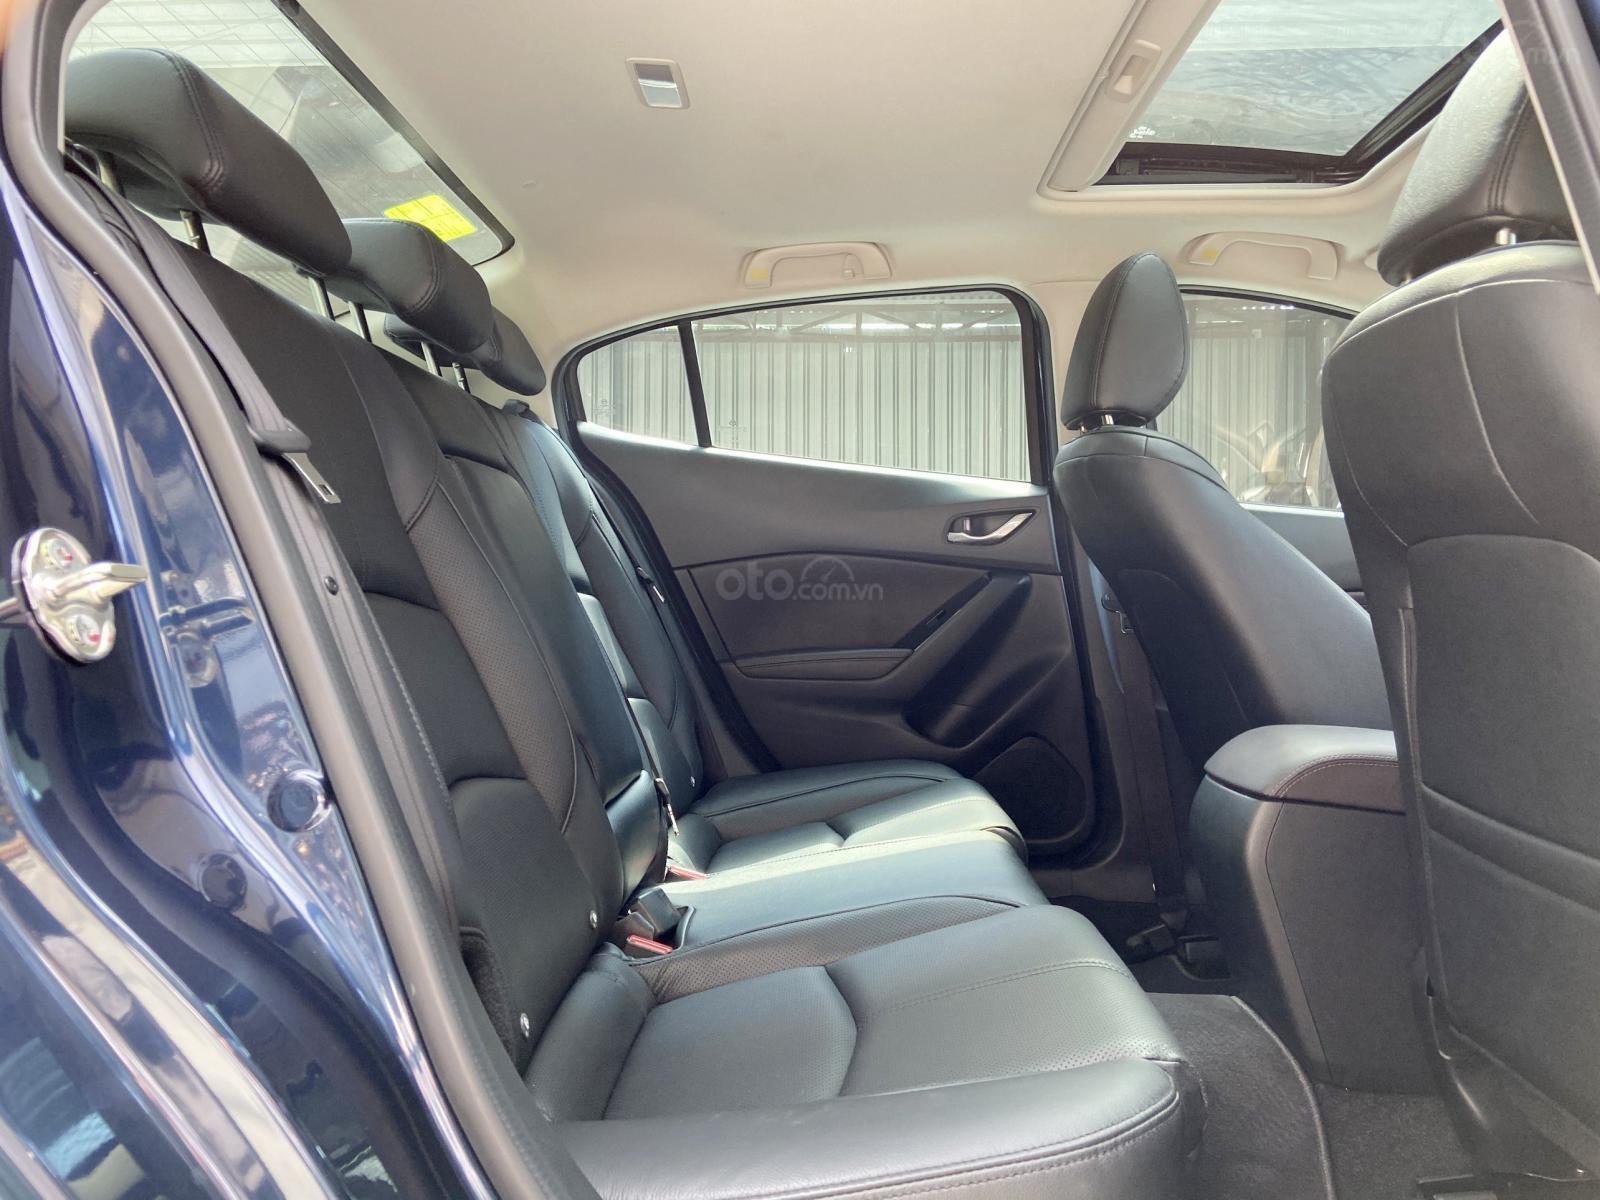 Bán Mazda 3 1.5AT 2019 có ghế điện, xe gia đình mới đi 7.000 km, zin nguyên bản 100%, như xe hãng (10)